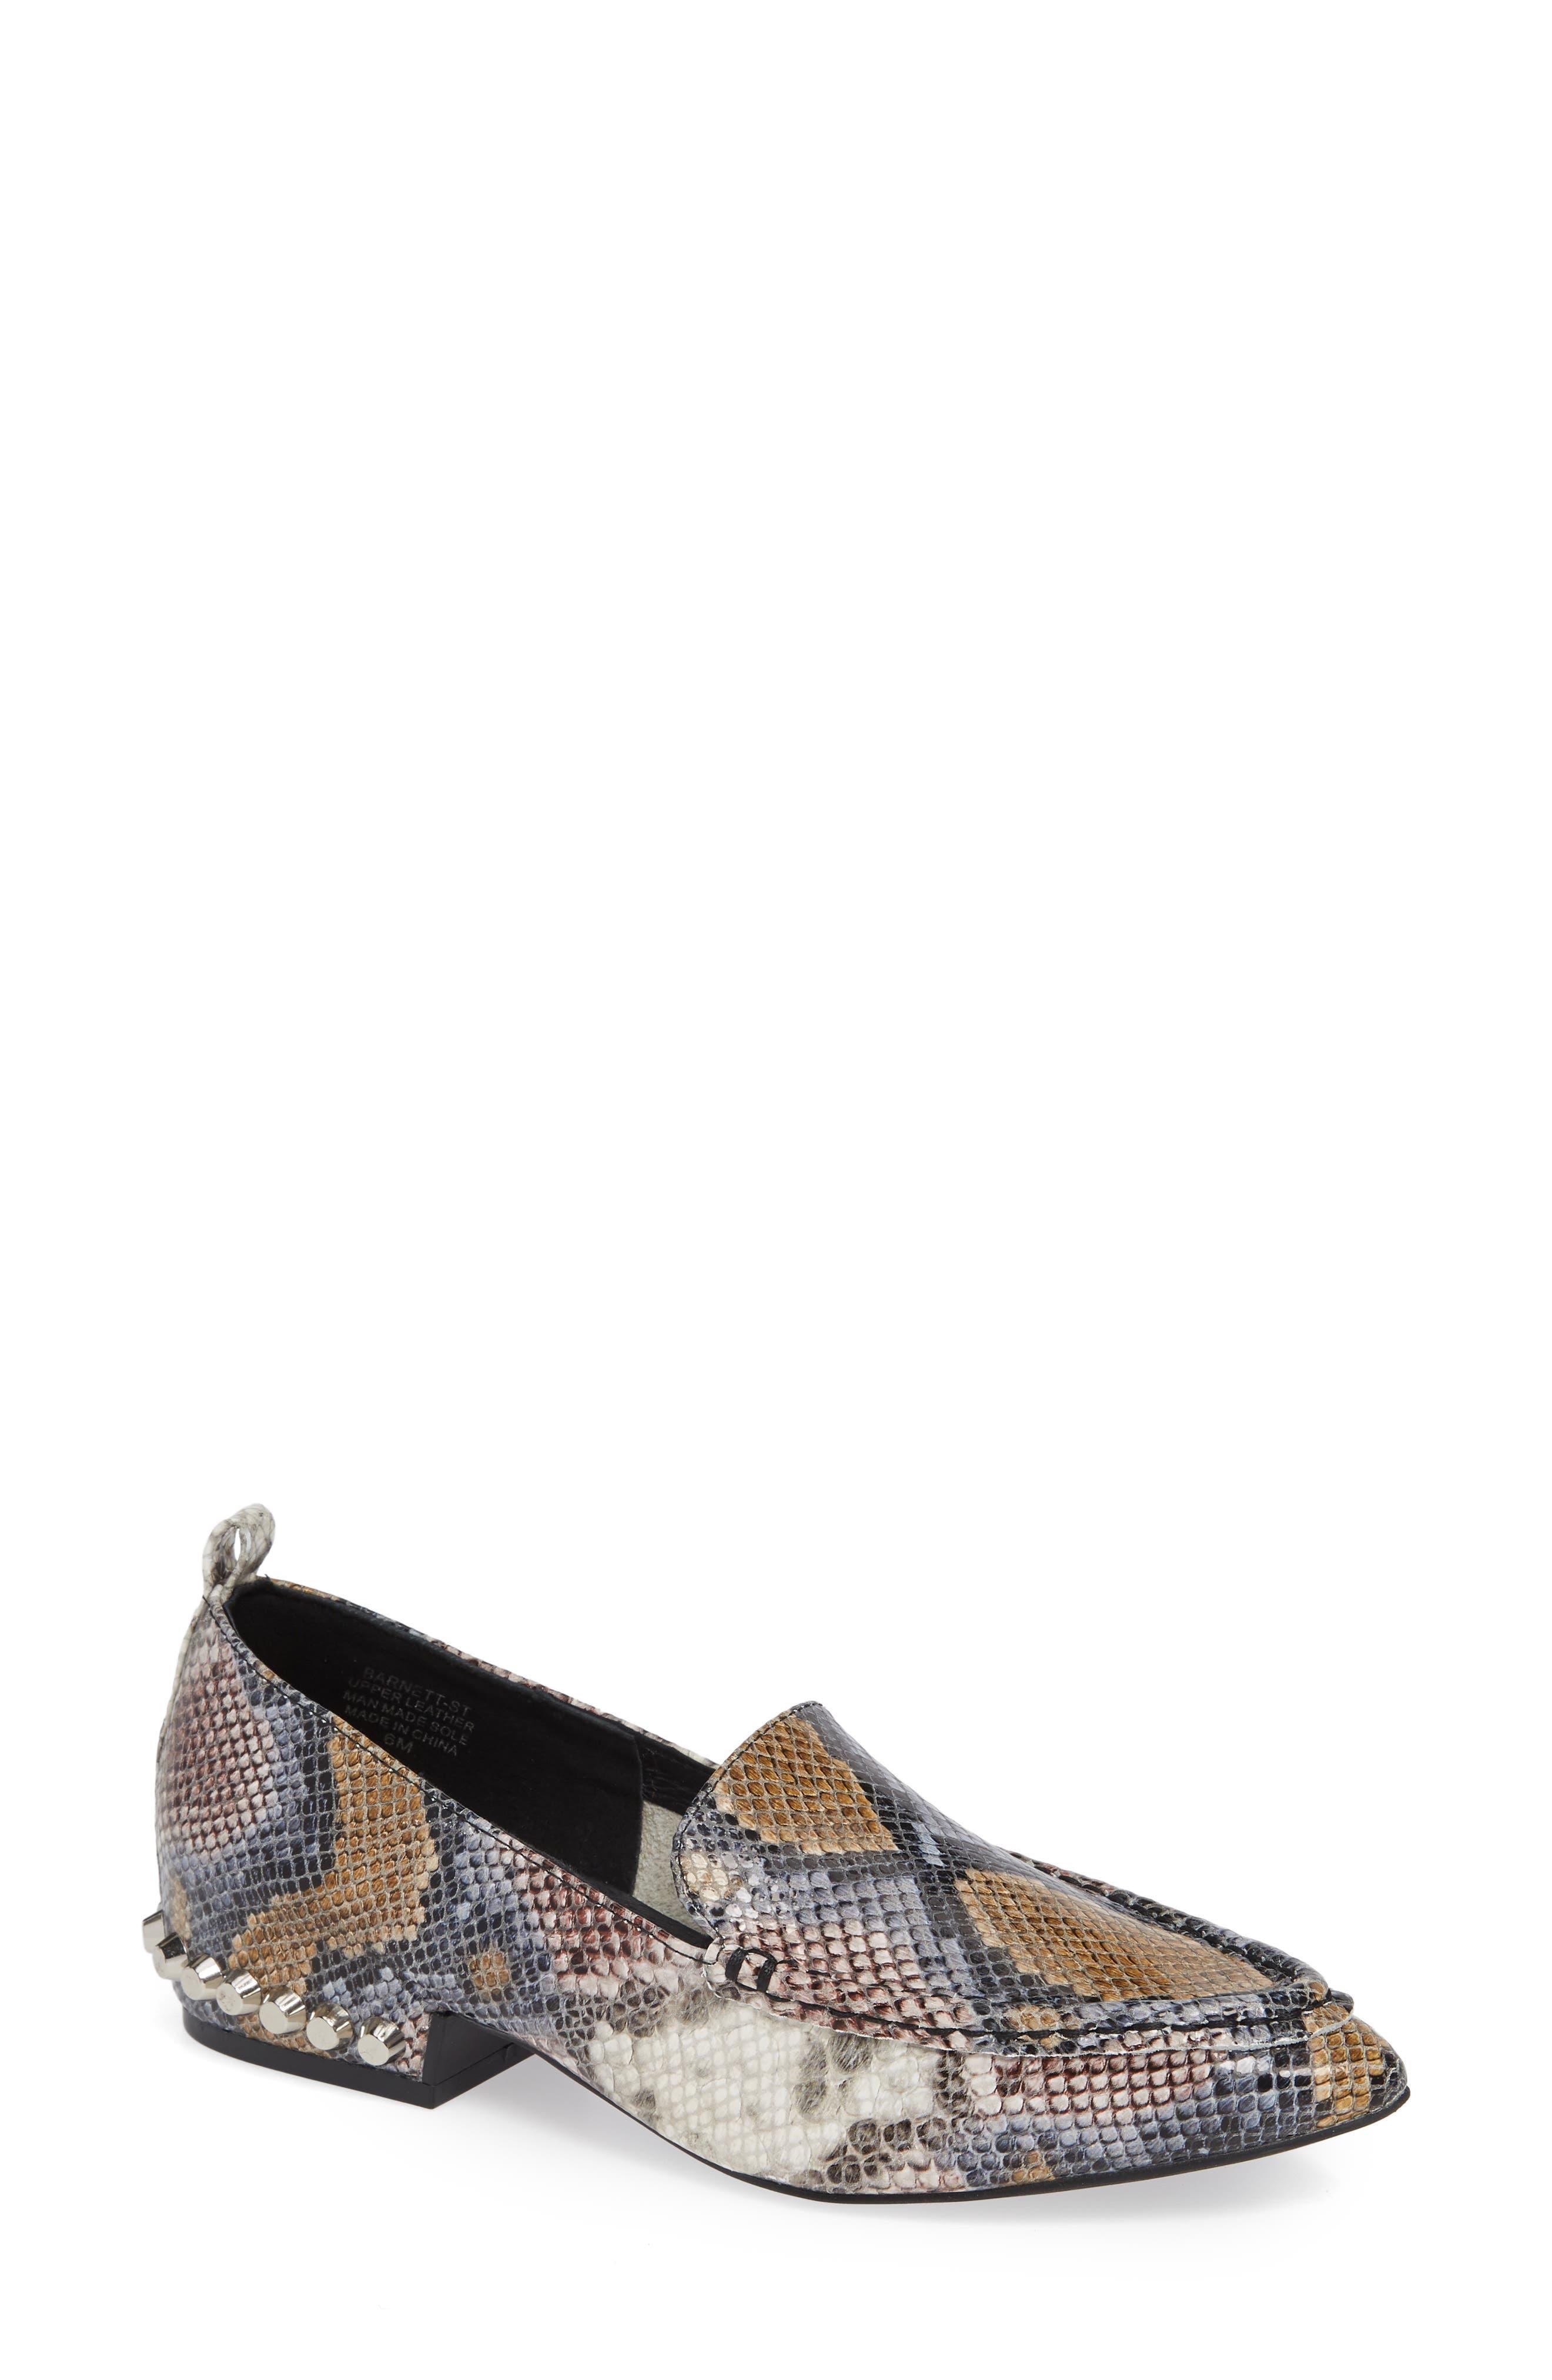 Barnett Studded Loafer,                             Main thumbnail 1, color,                             Multi Snake Silver